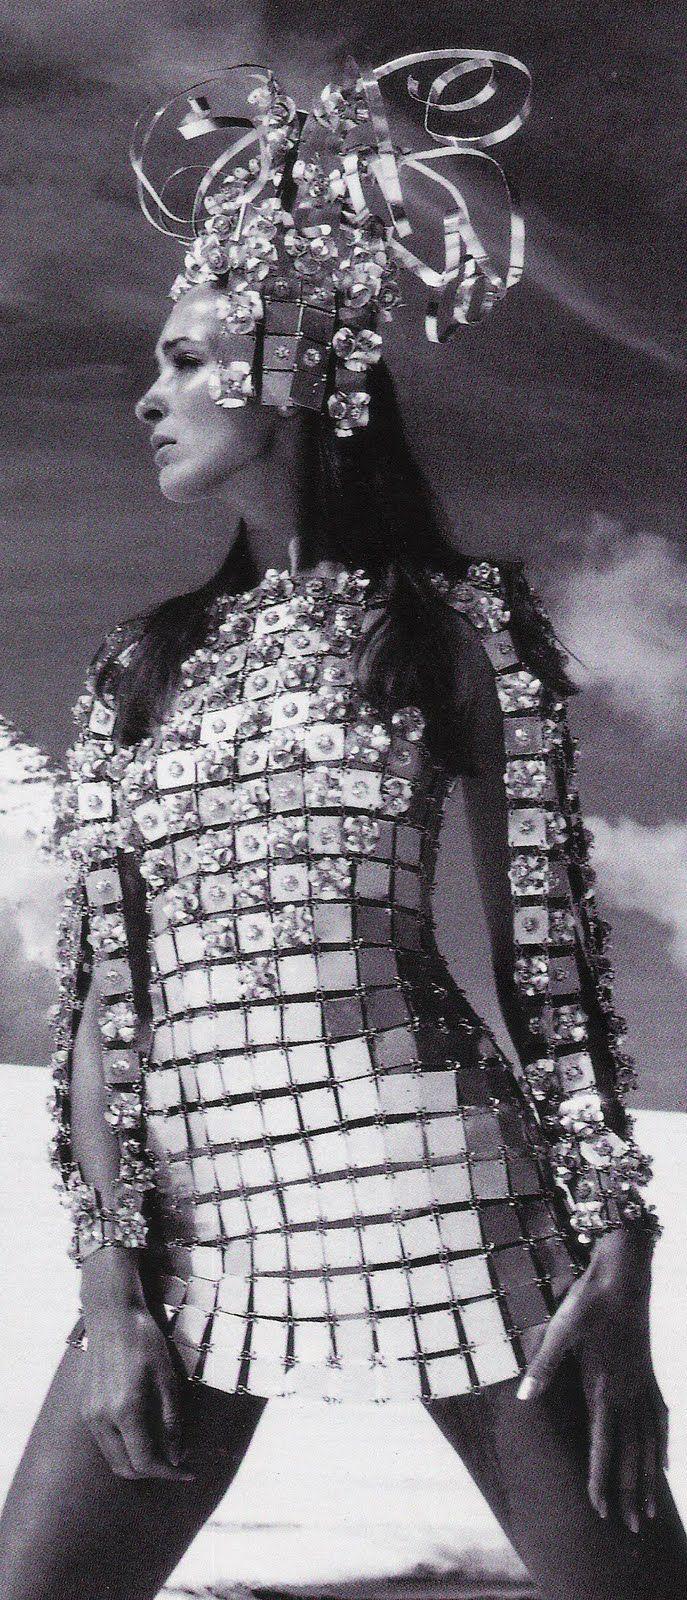 Pacco Rabanne (transição entre os anos 60 e 70)  tecidos metálicos  malhas metálicas inspiração em ficção científica.